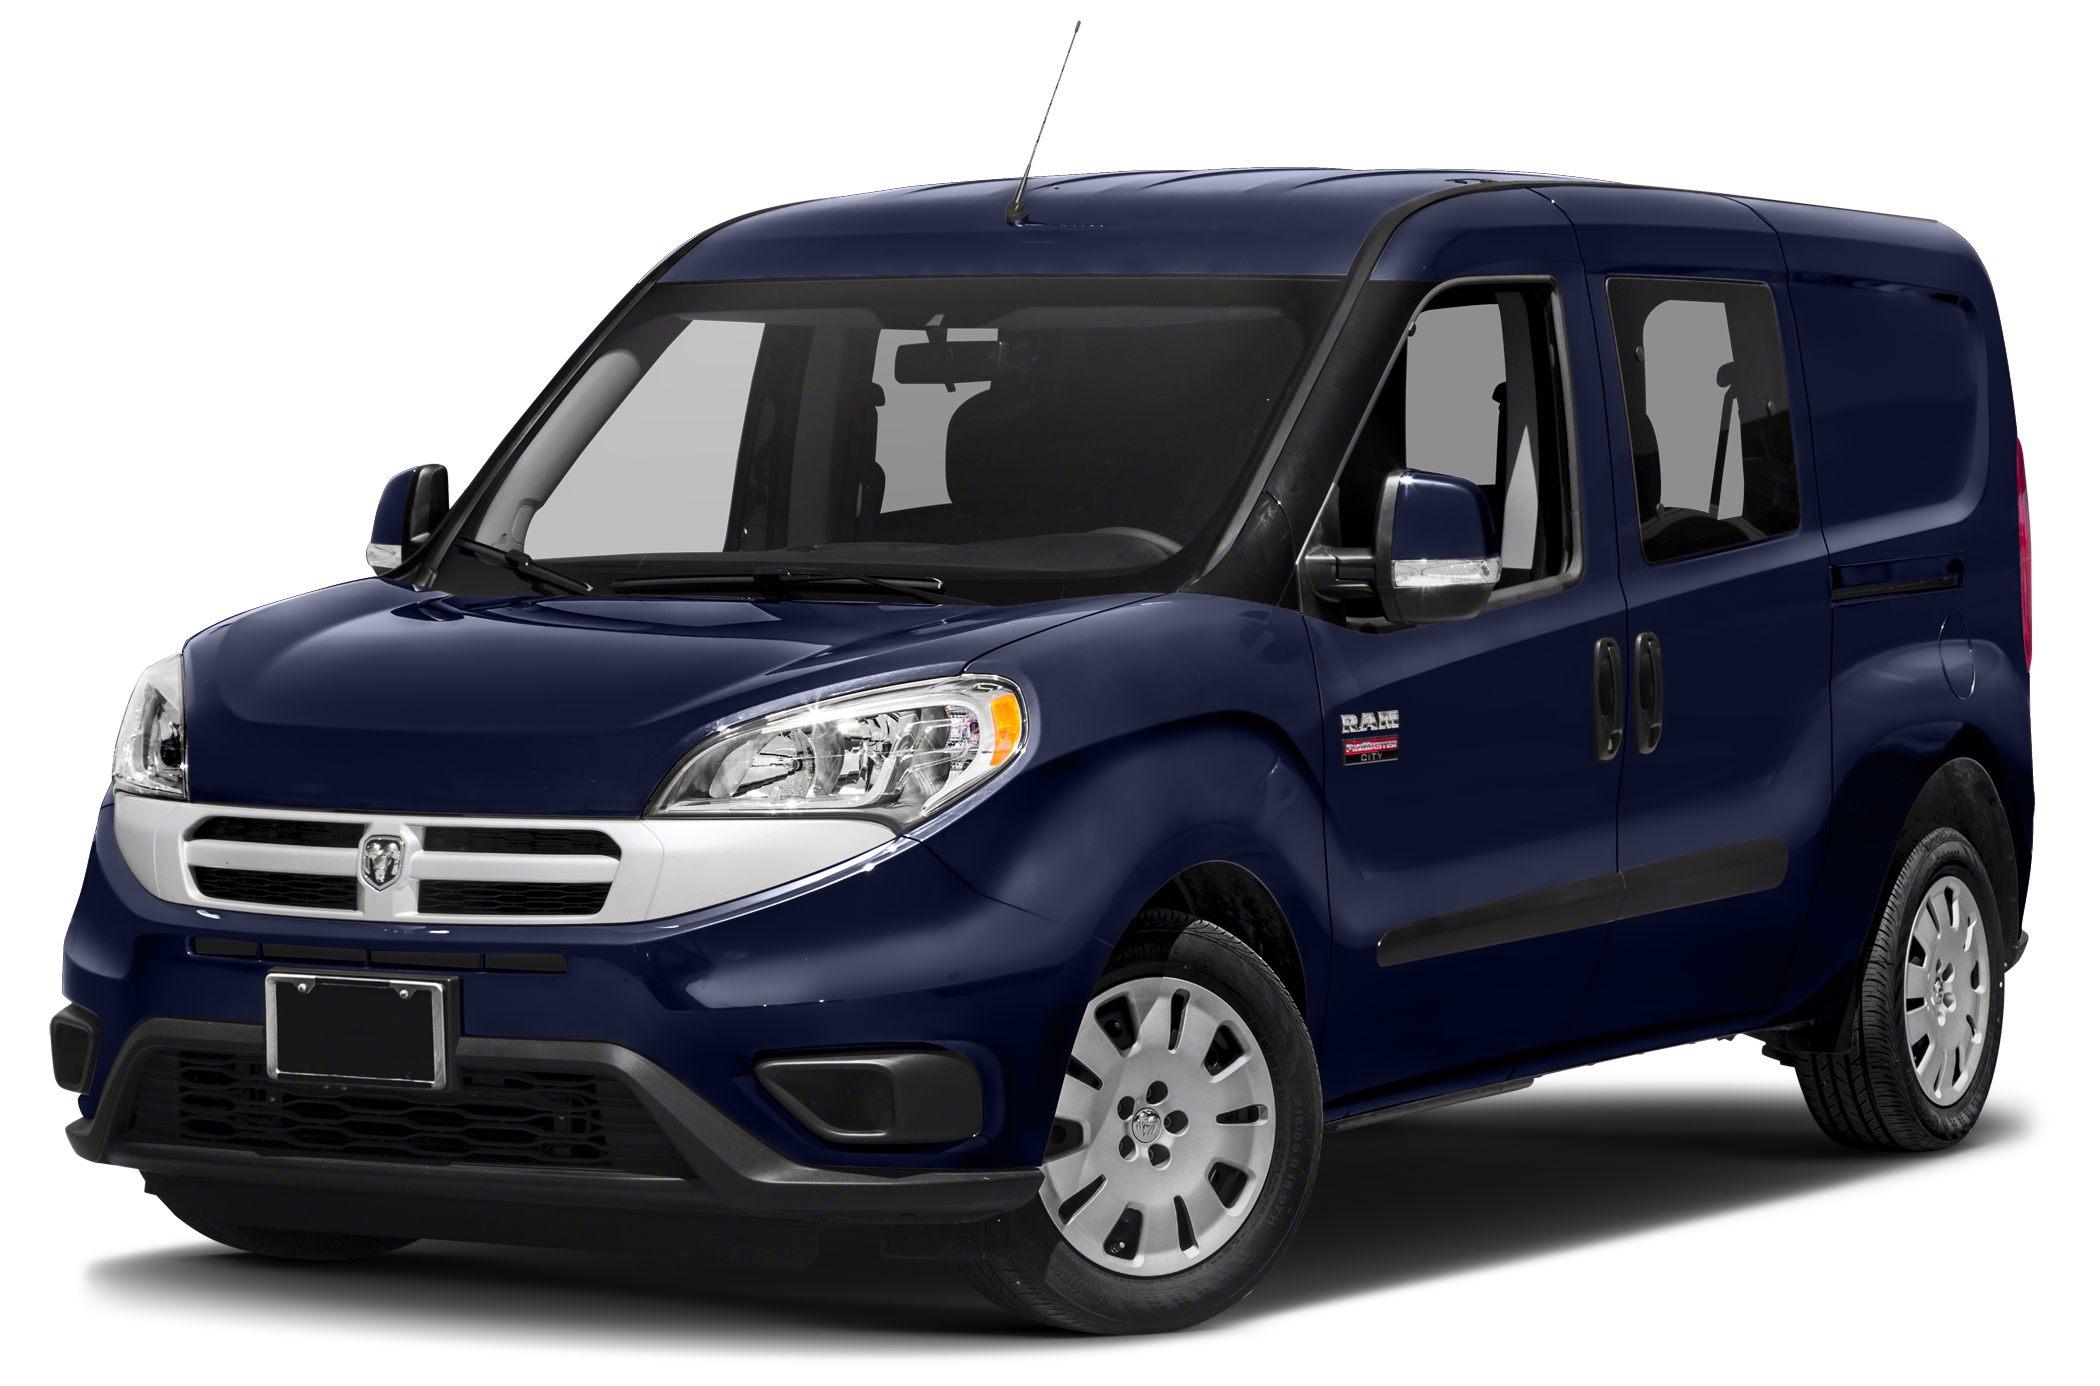 on sale in japan honda won 39 t bring 31k odyssey hybrid to us autoblog. Black Bedroom Furniture Sets. Home Design Ideas